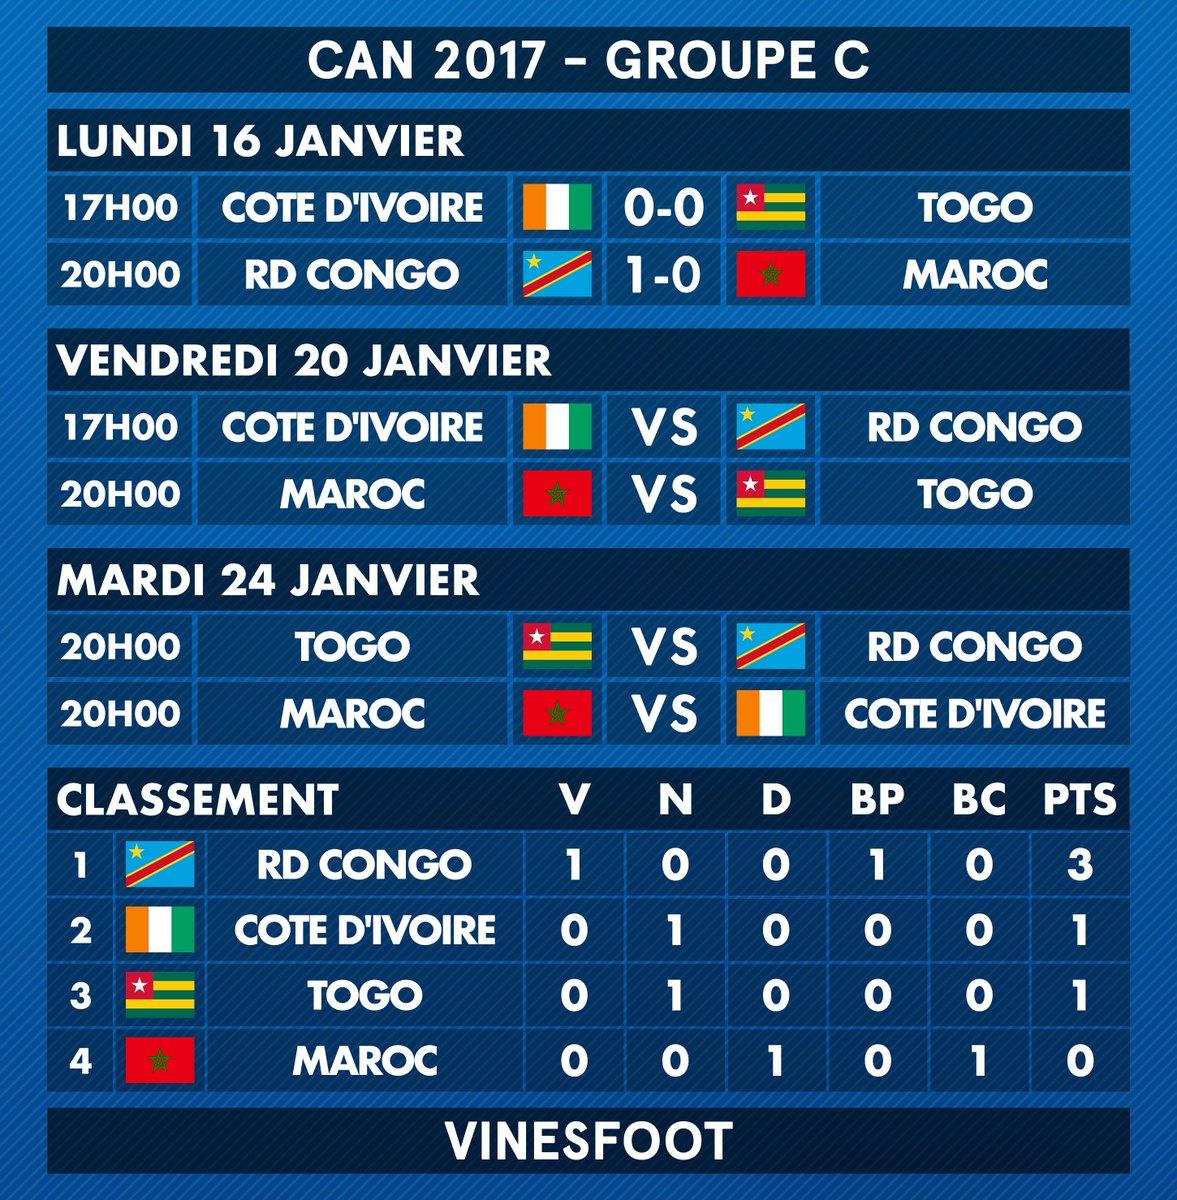 Le bilan du Groupe C à l'issue de la 1ère journée. Vainqueur du Maroc, la RD Congo prend les devants du groupe. #CAN2017